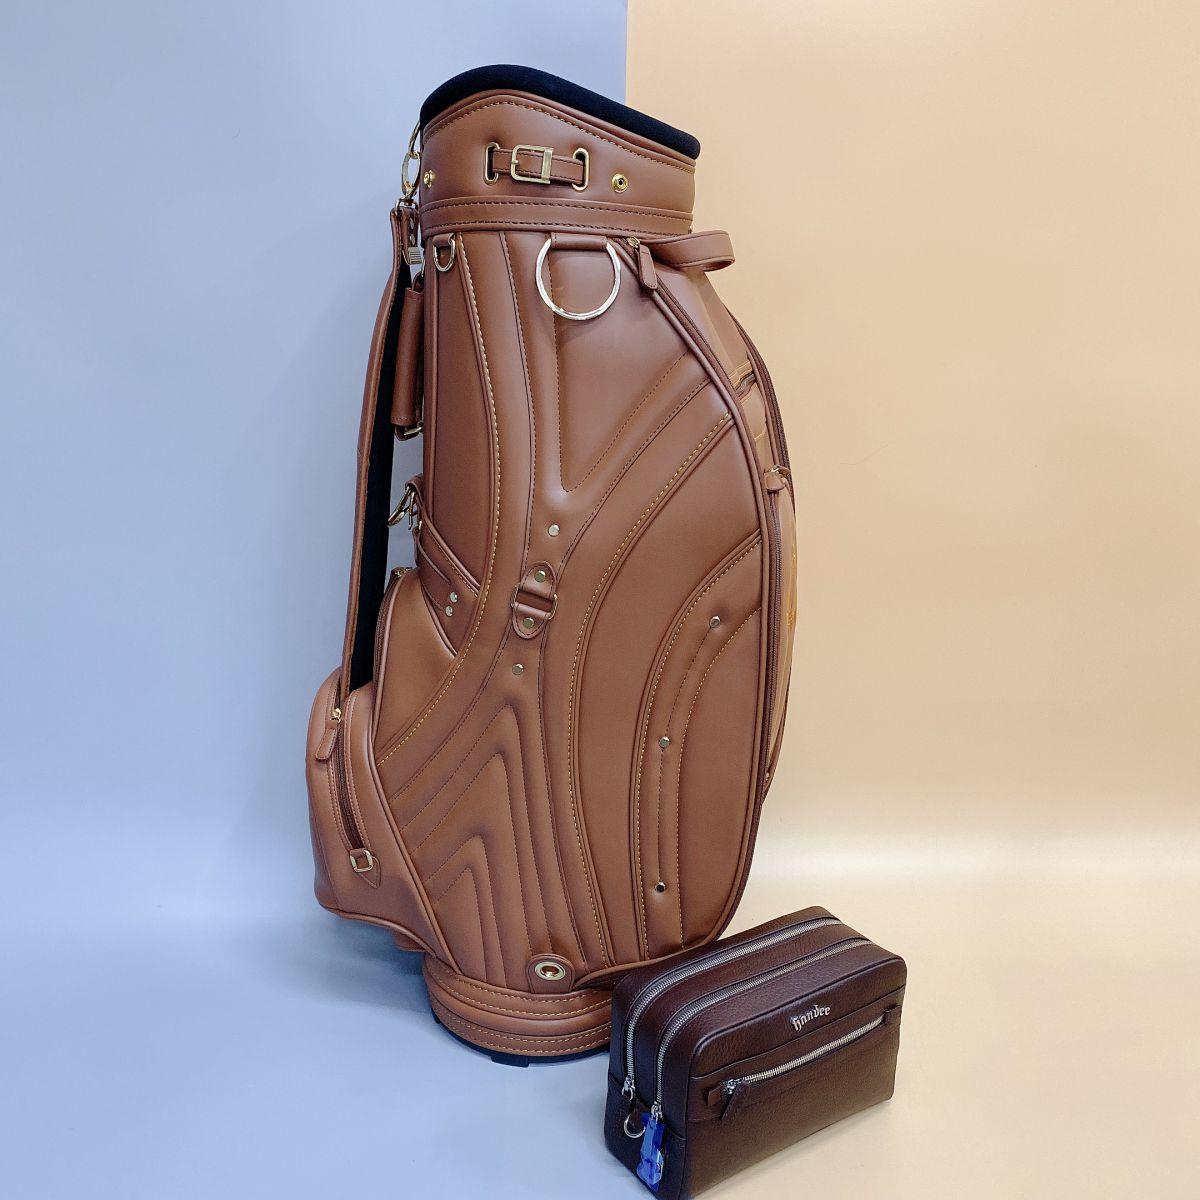 Túi đựng gậy golf Kenichi 5 sao tinh tế và sang trọng!